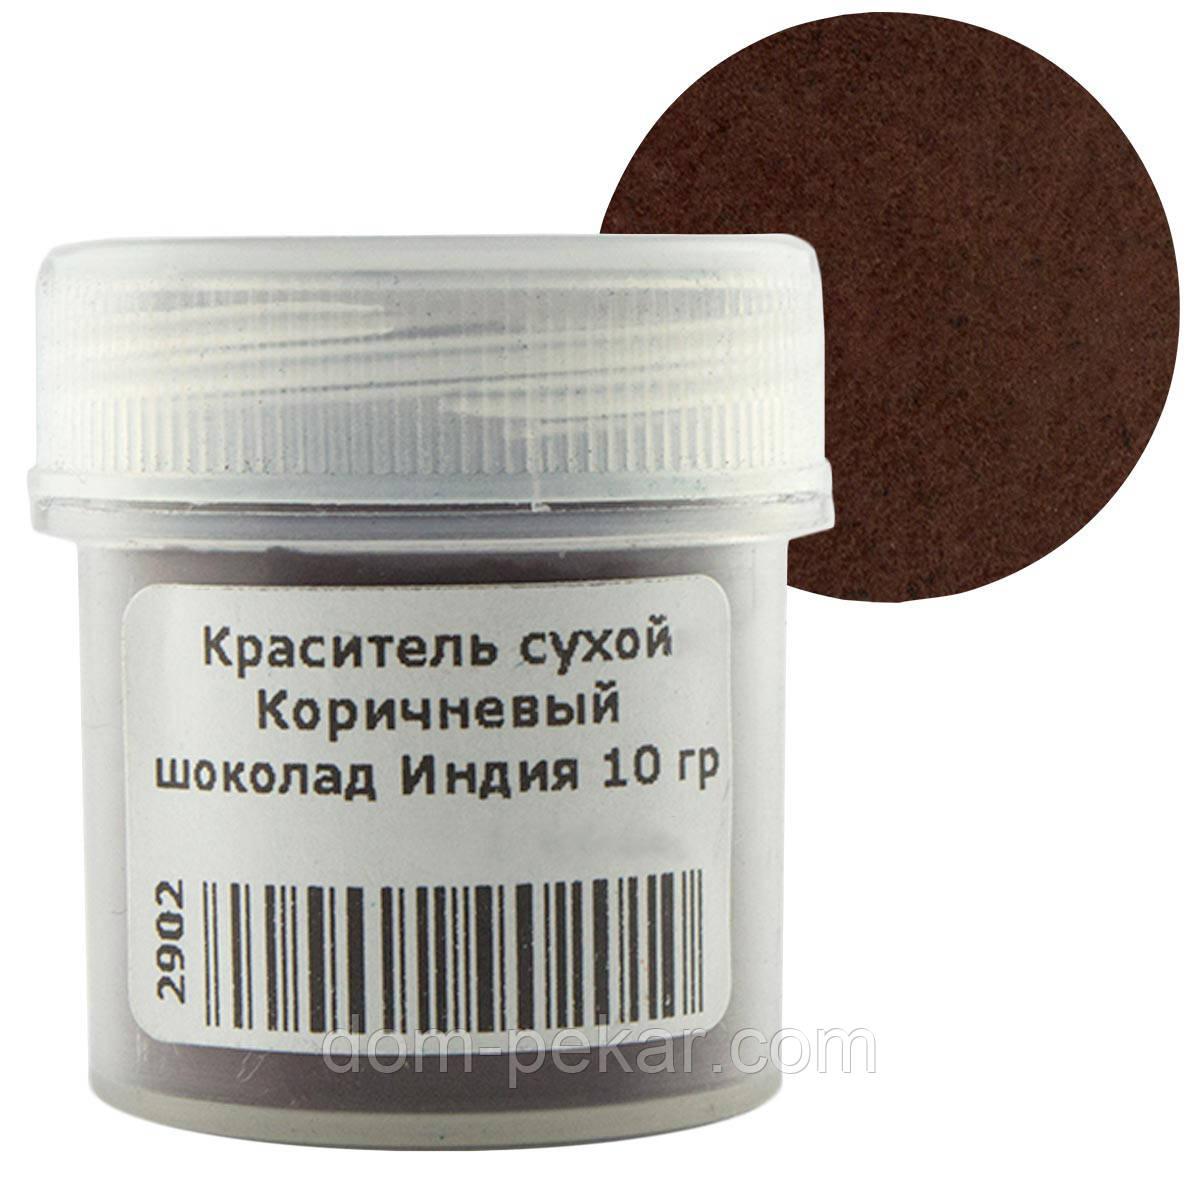 Краситель сухой Коричневый шоколад Индия 10 гр